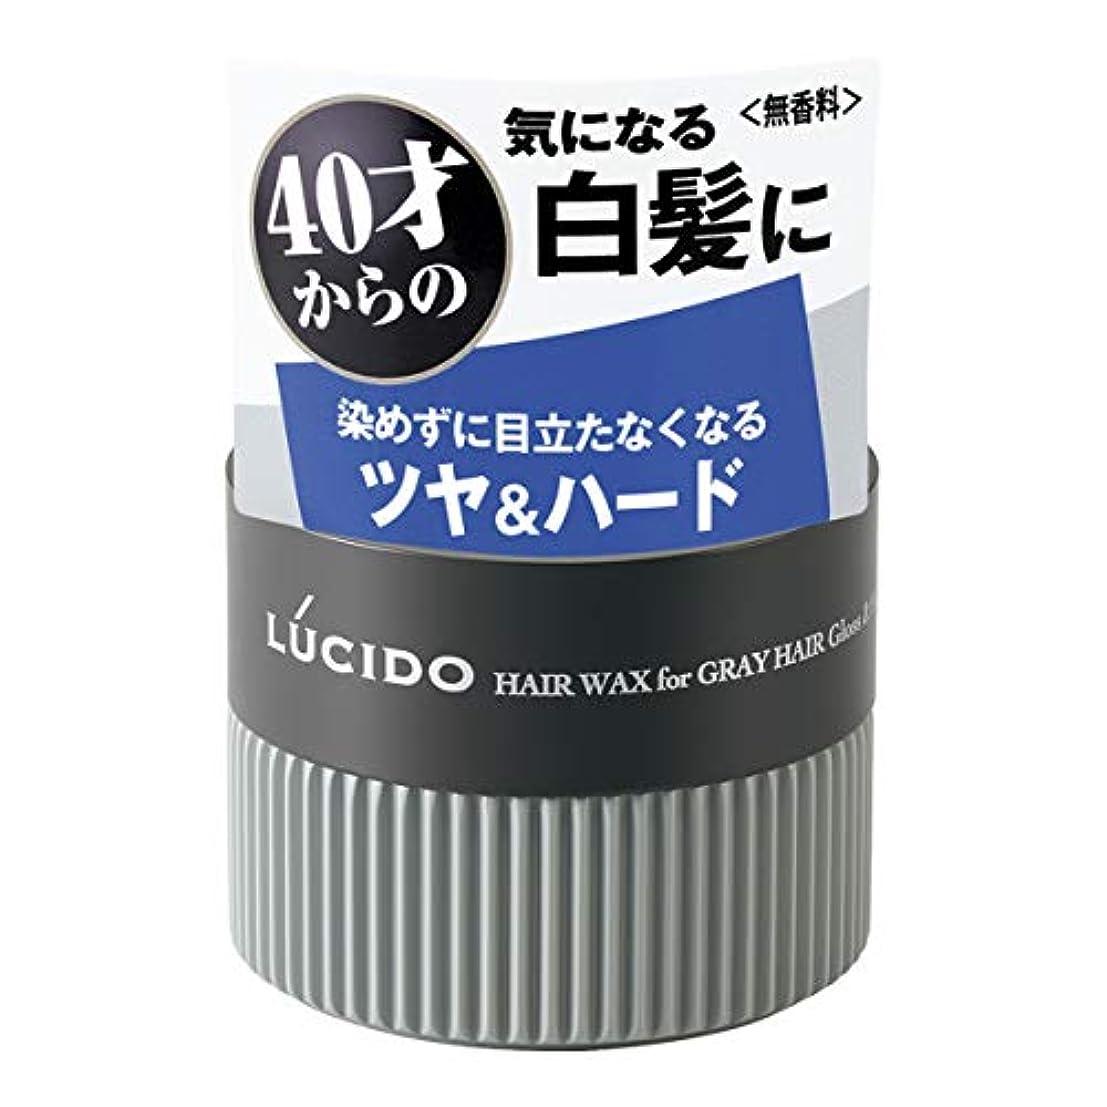 デッド伸ばす同封するLUCIDO(ルシード) ヘアワックス 白髪用ワックス グロス&ハード 80g